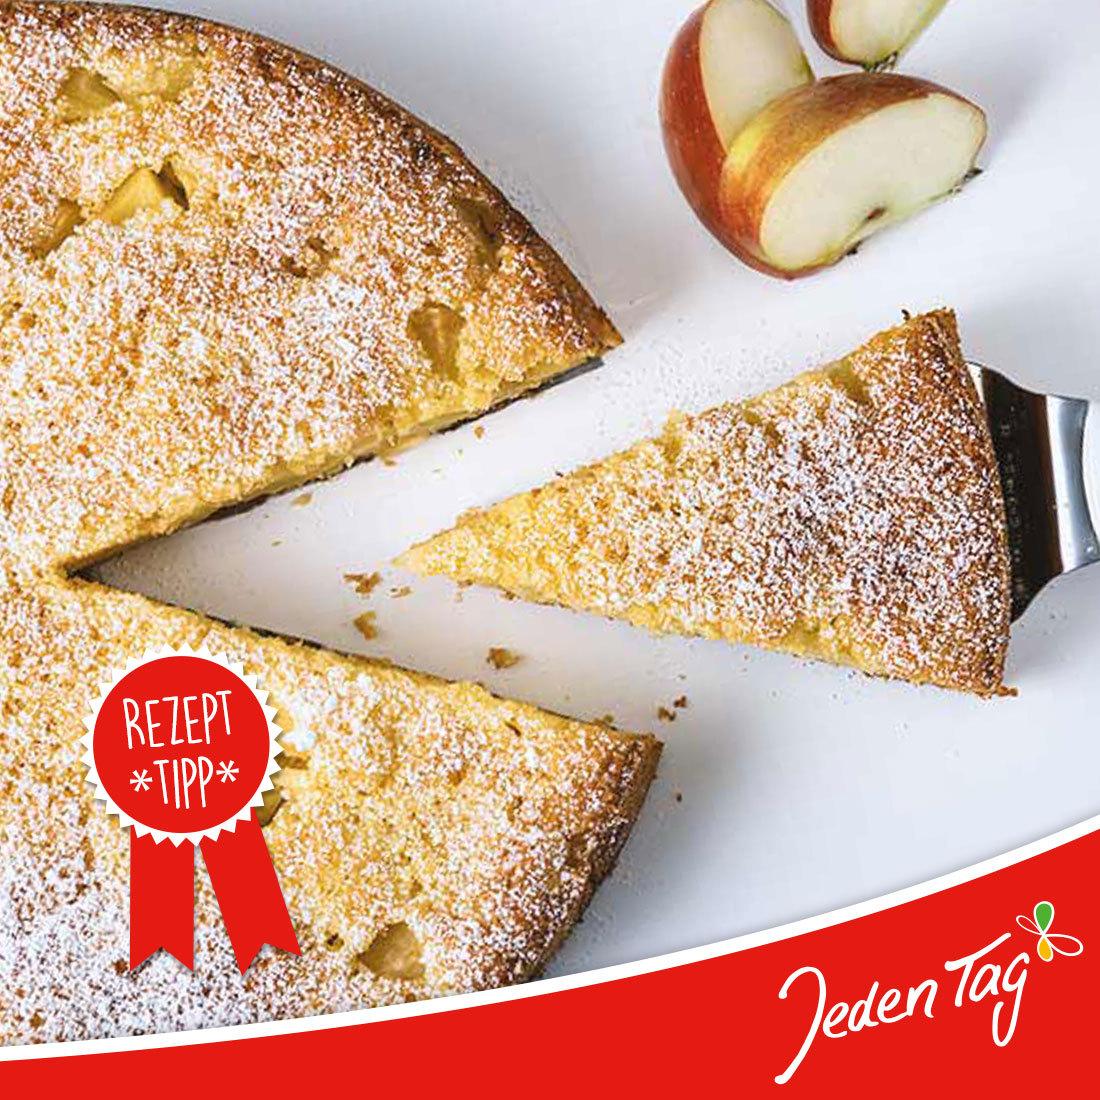 Jeden Tag Rezept-Tipp: fruchtiger Apfel-Eierlikör-Kuchen